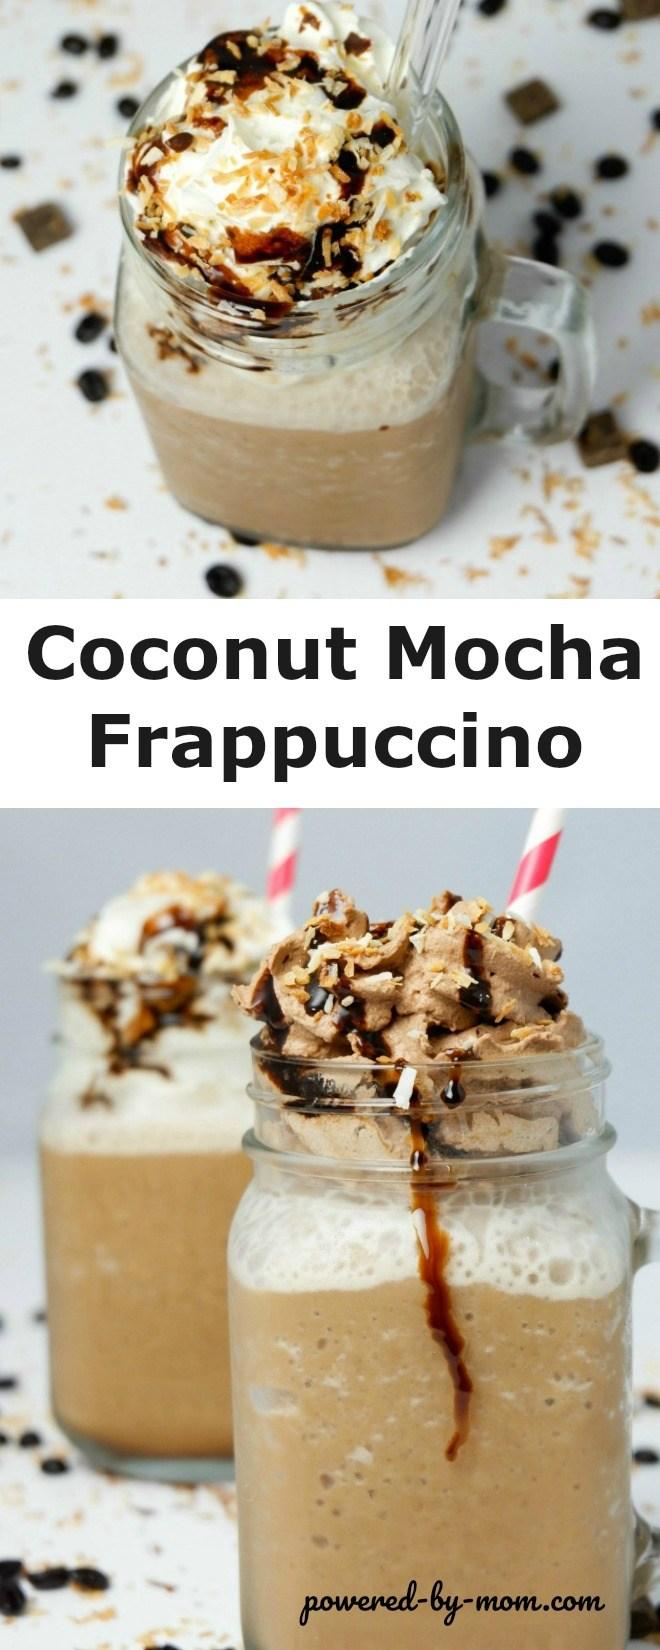 Coconut Mocha Frappuccino